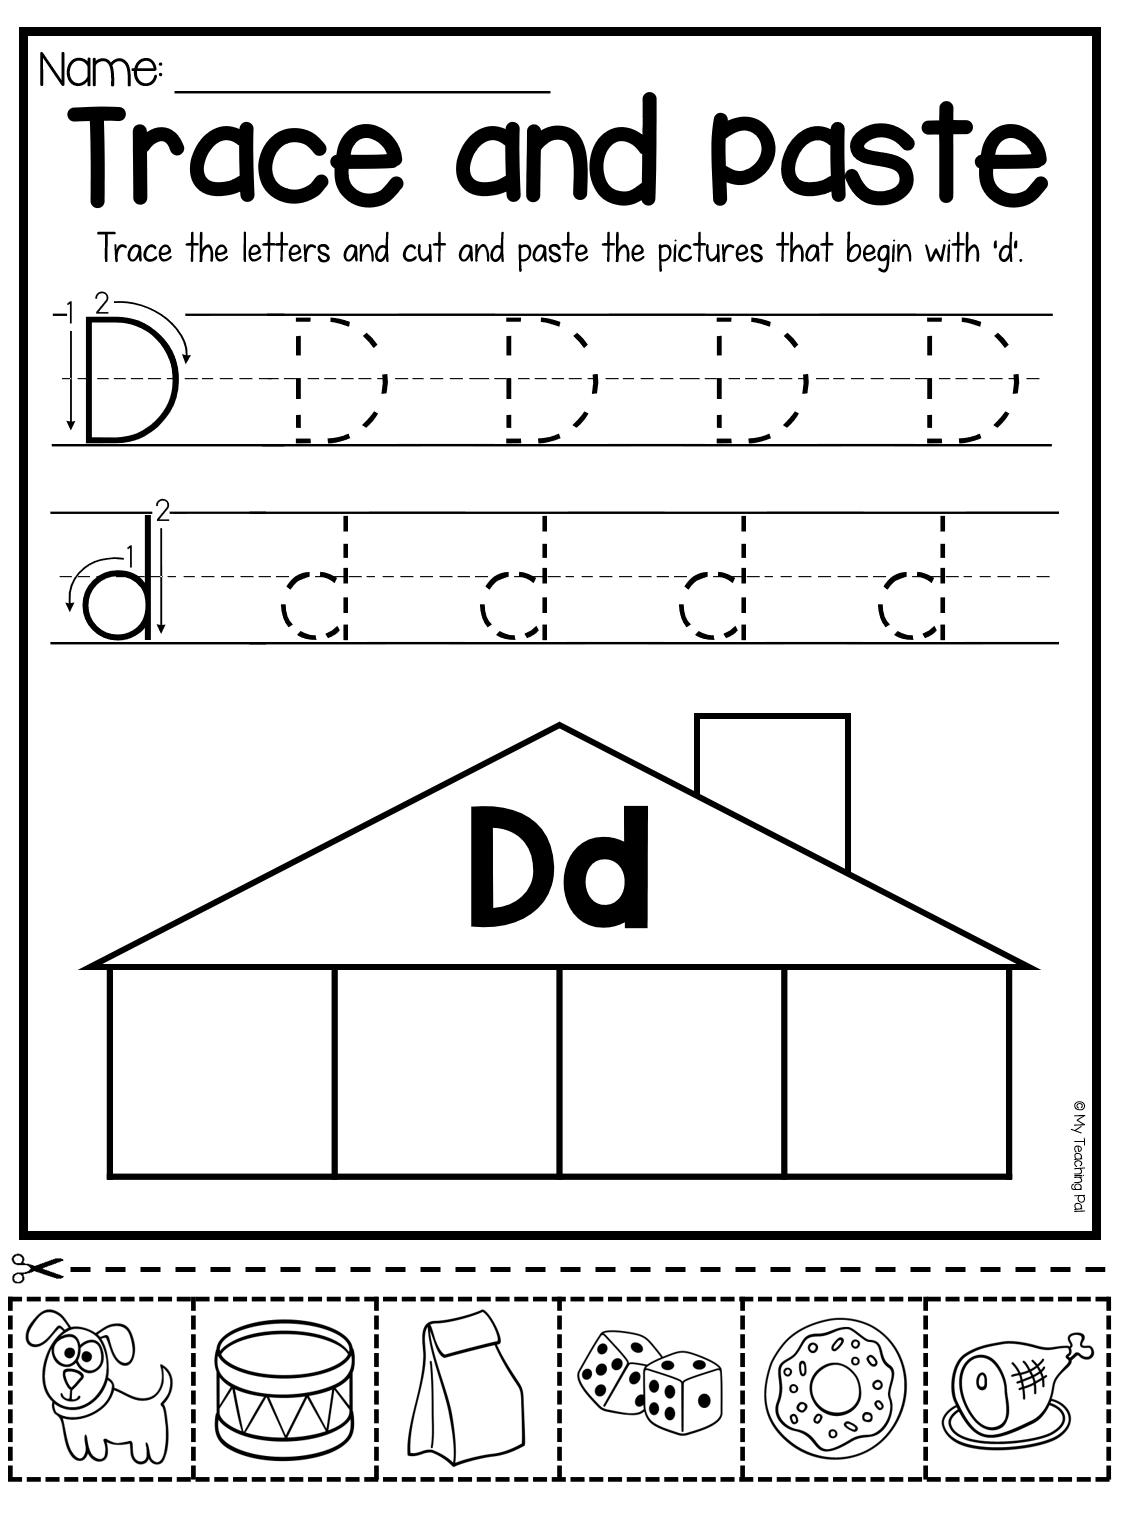 Letter D Worksheets In 2020 | Beginning Sounds Worksheets pertaining to Letter D Worksheets Cut And Paste